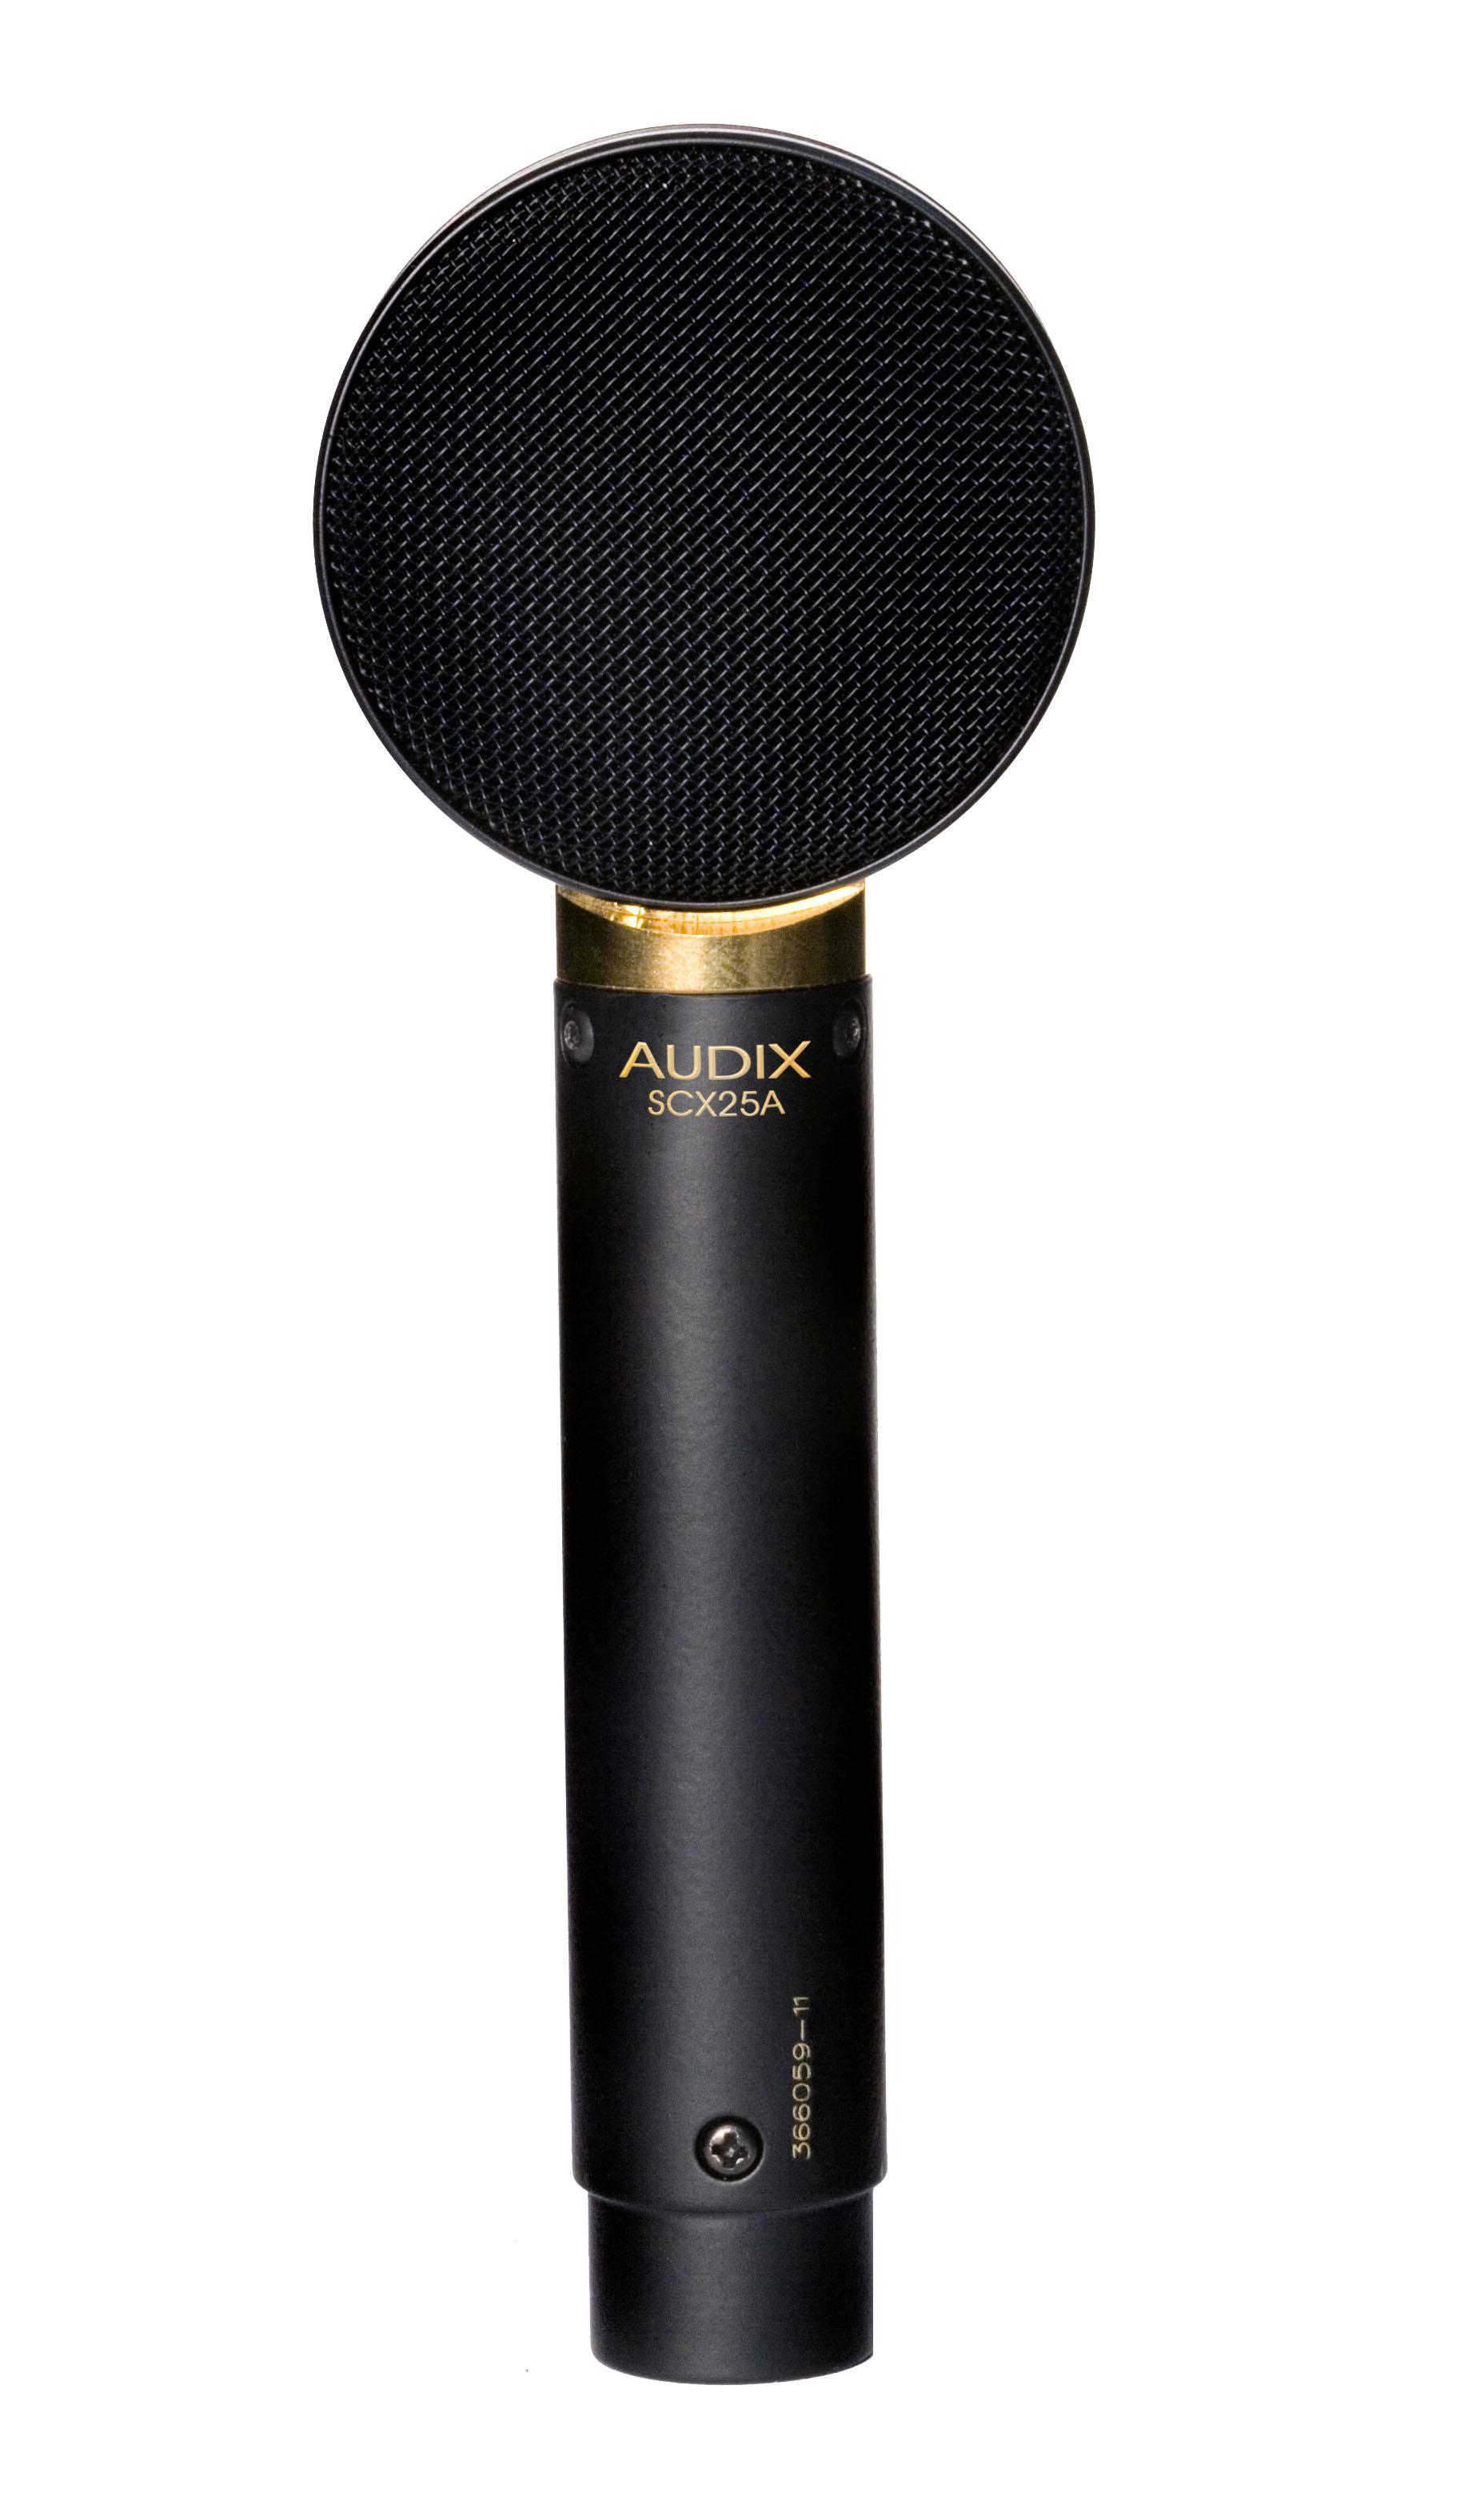 Микрофоны AUDIX. Производитель: AUDIX, артикул: 128847